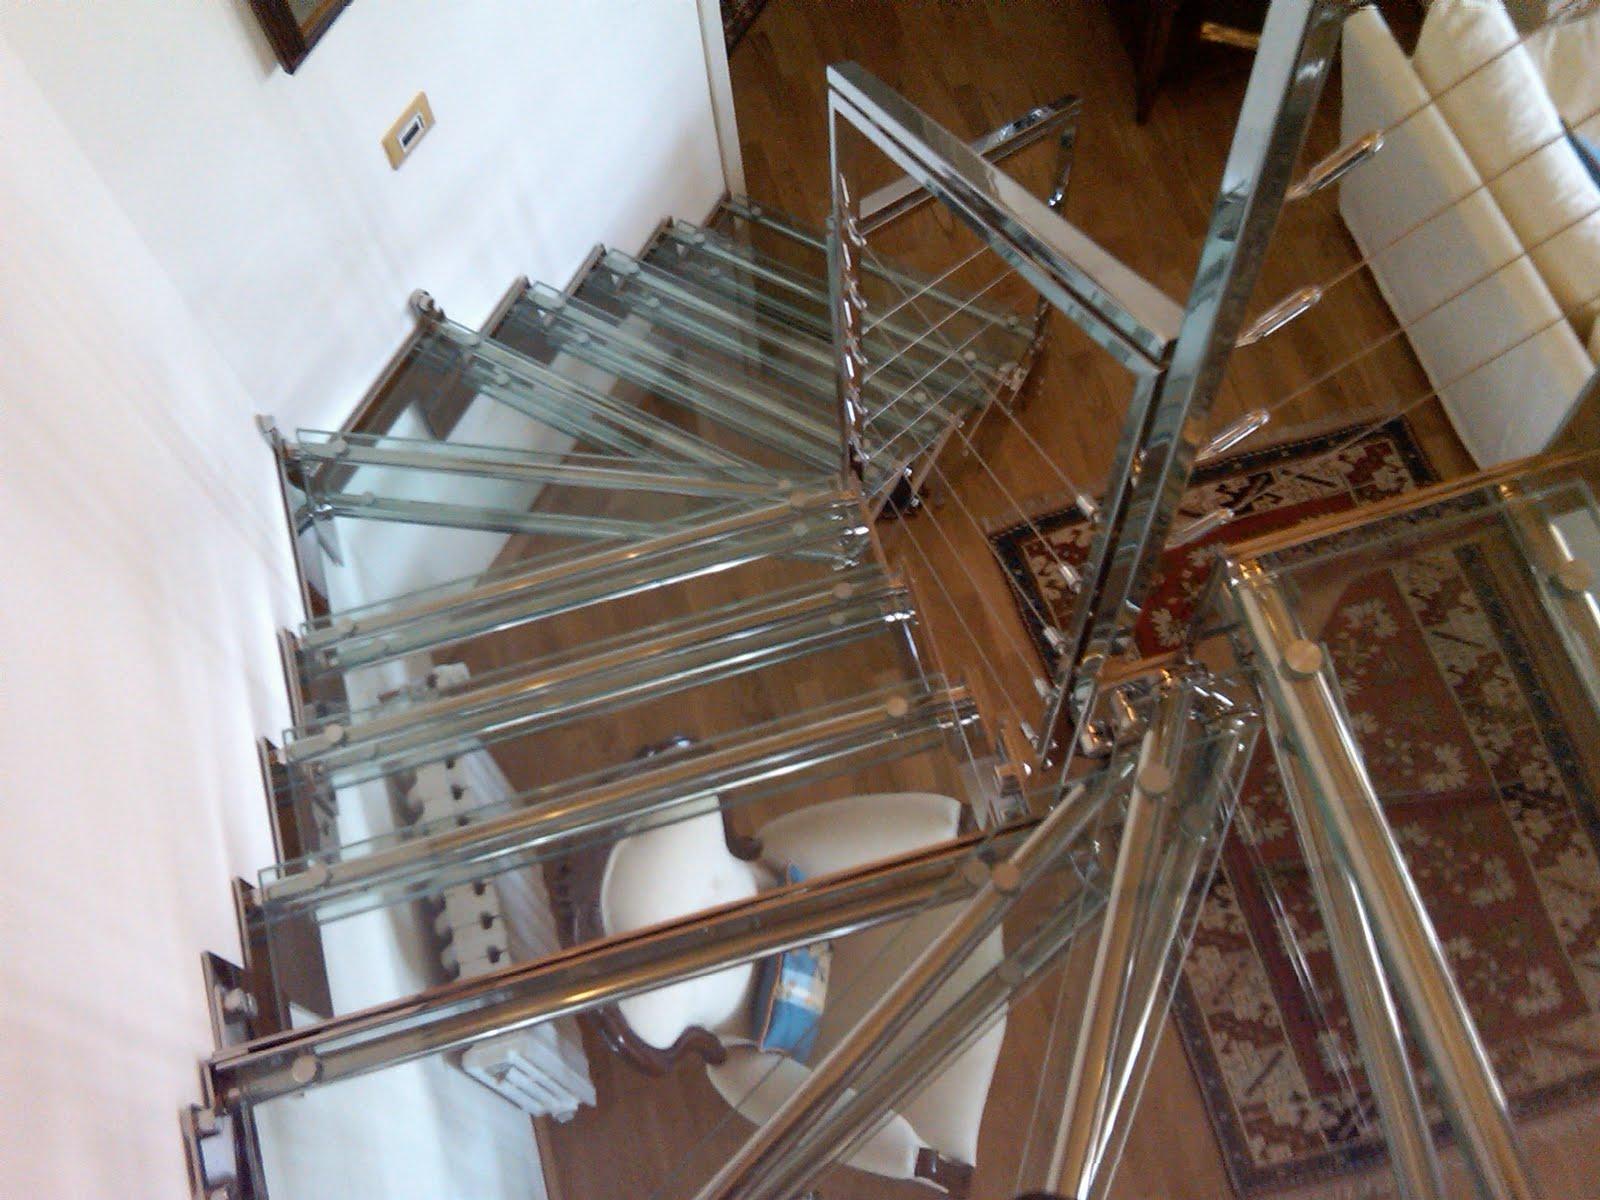 Scala acciaio e cristallo il blog di roversi scale - Foto di scale ...